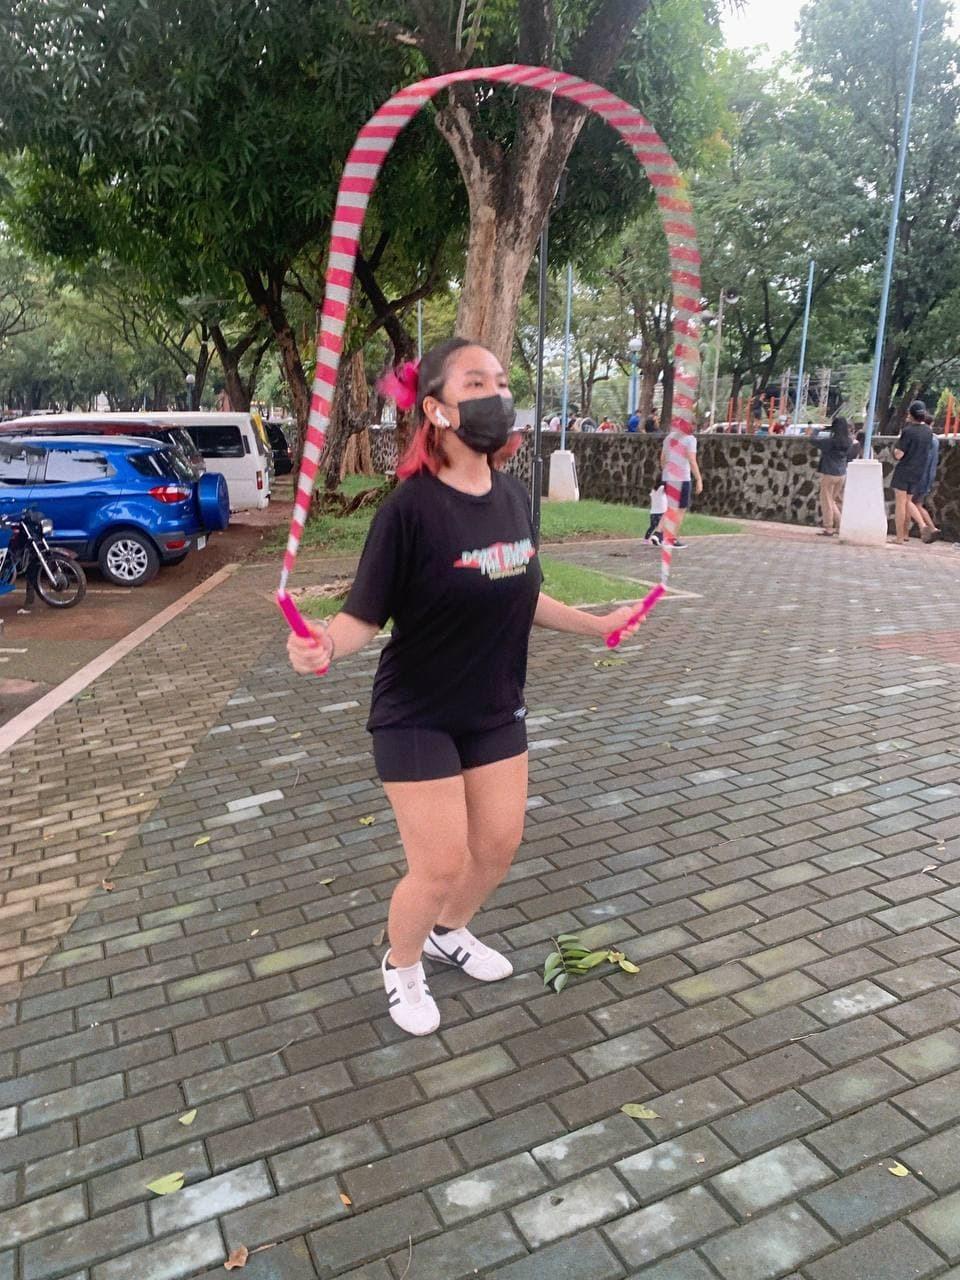 Pinay jumping rope